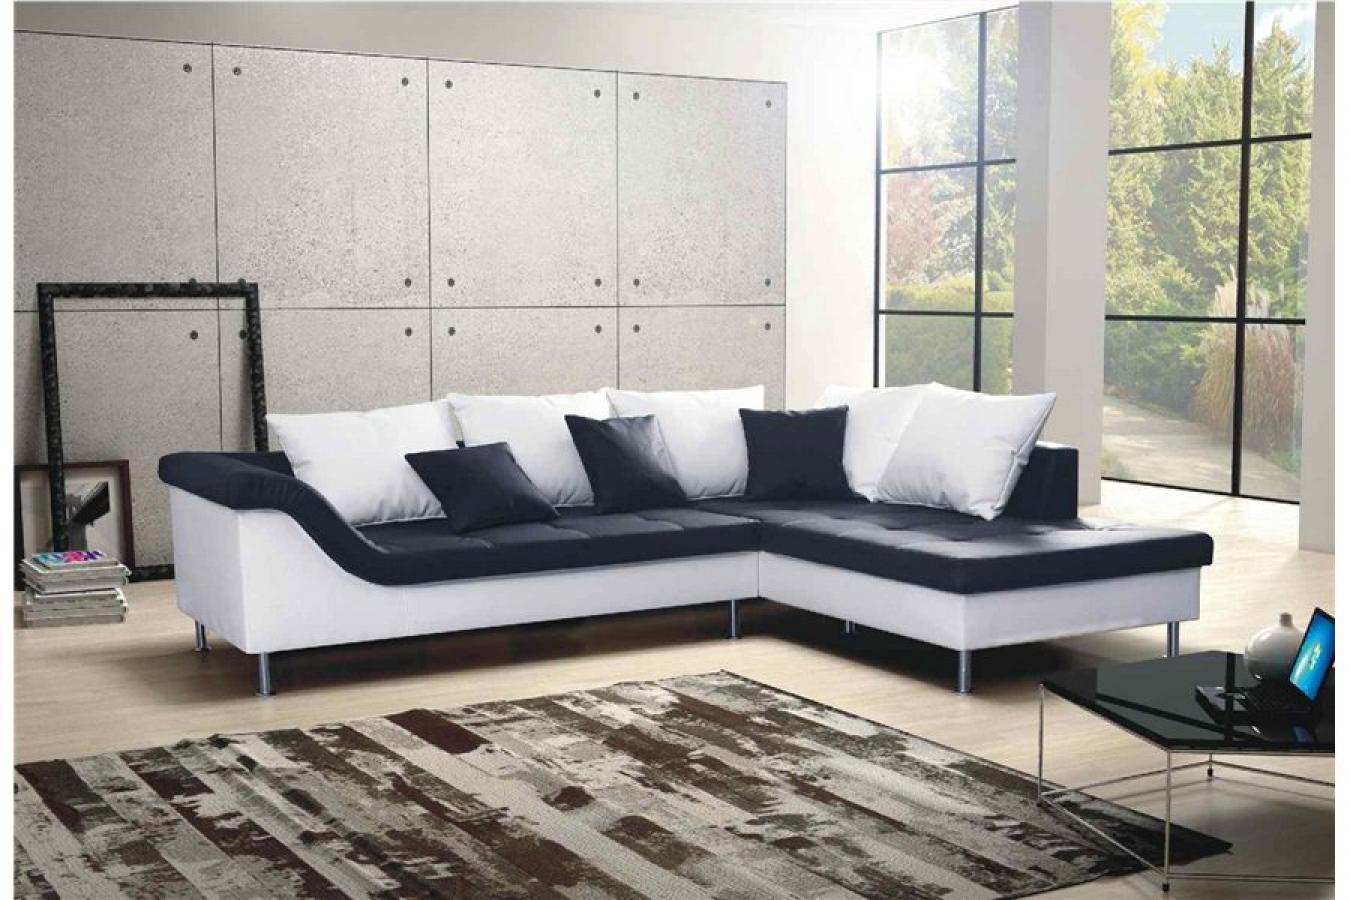 photos canap d 39 angle convertible noir et blanc pas cher. Black Bedroom Furniture Sets. Home Design Ideas